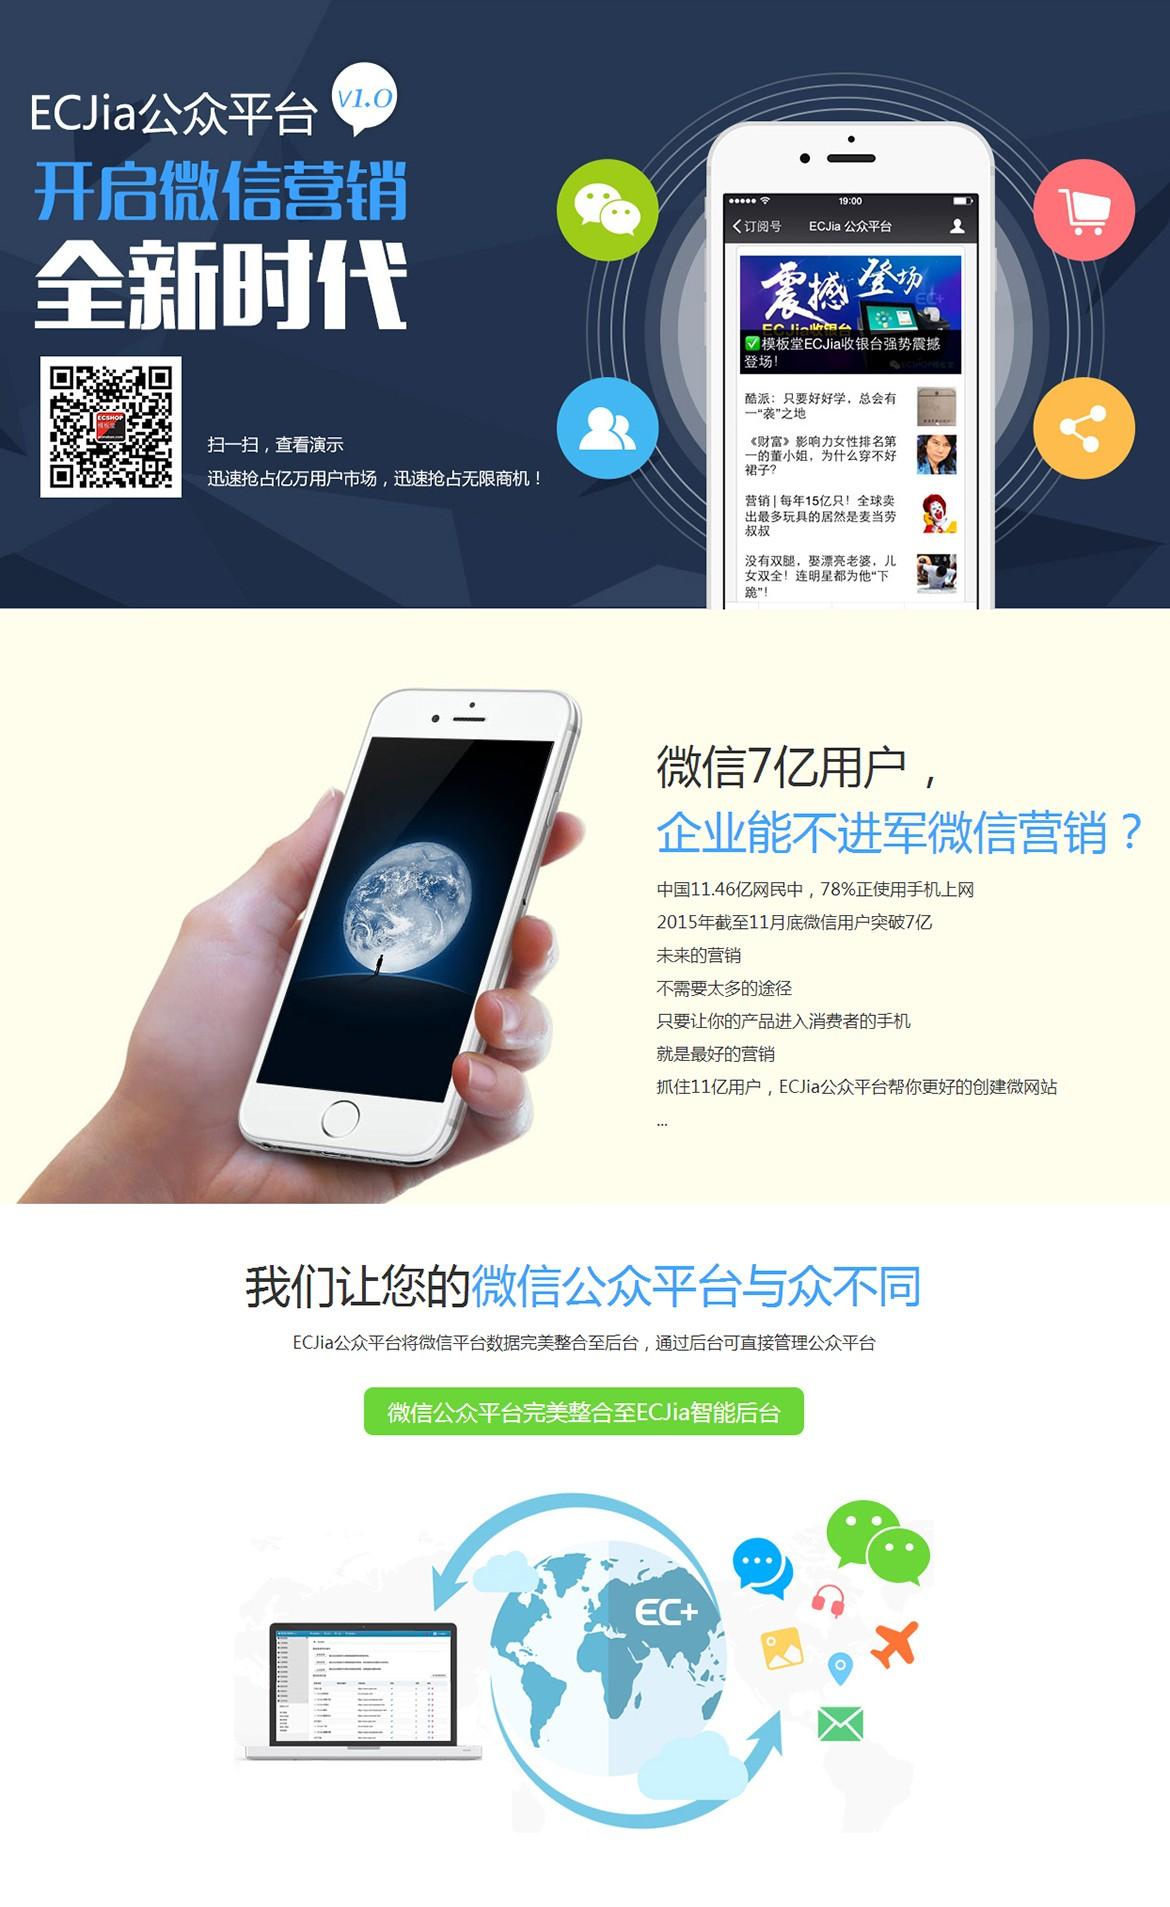 ECJia 公众平台1.jpg